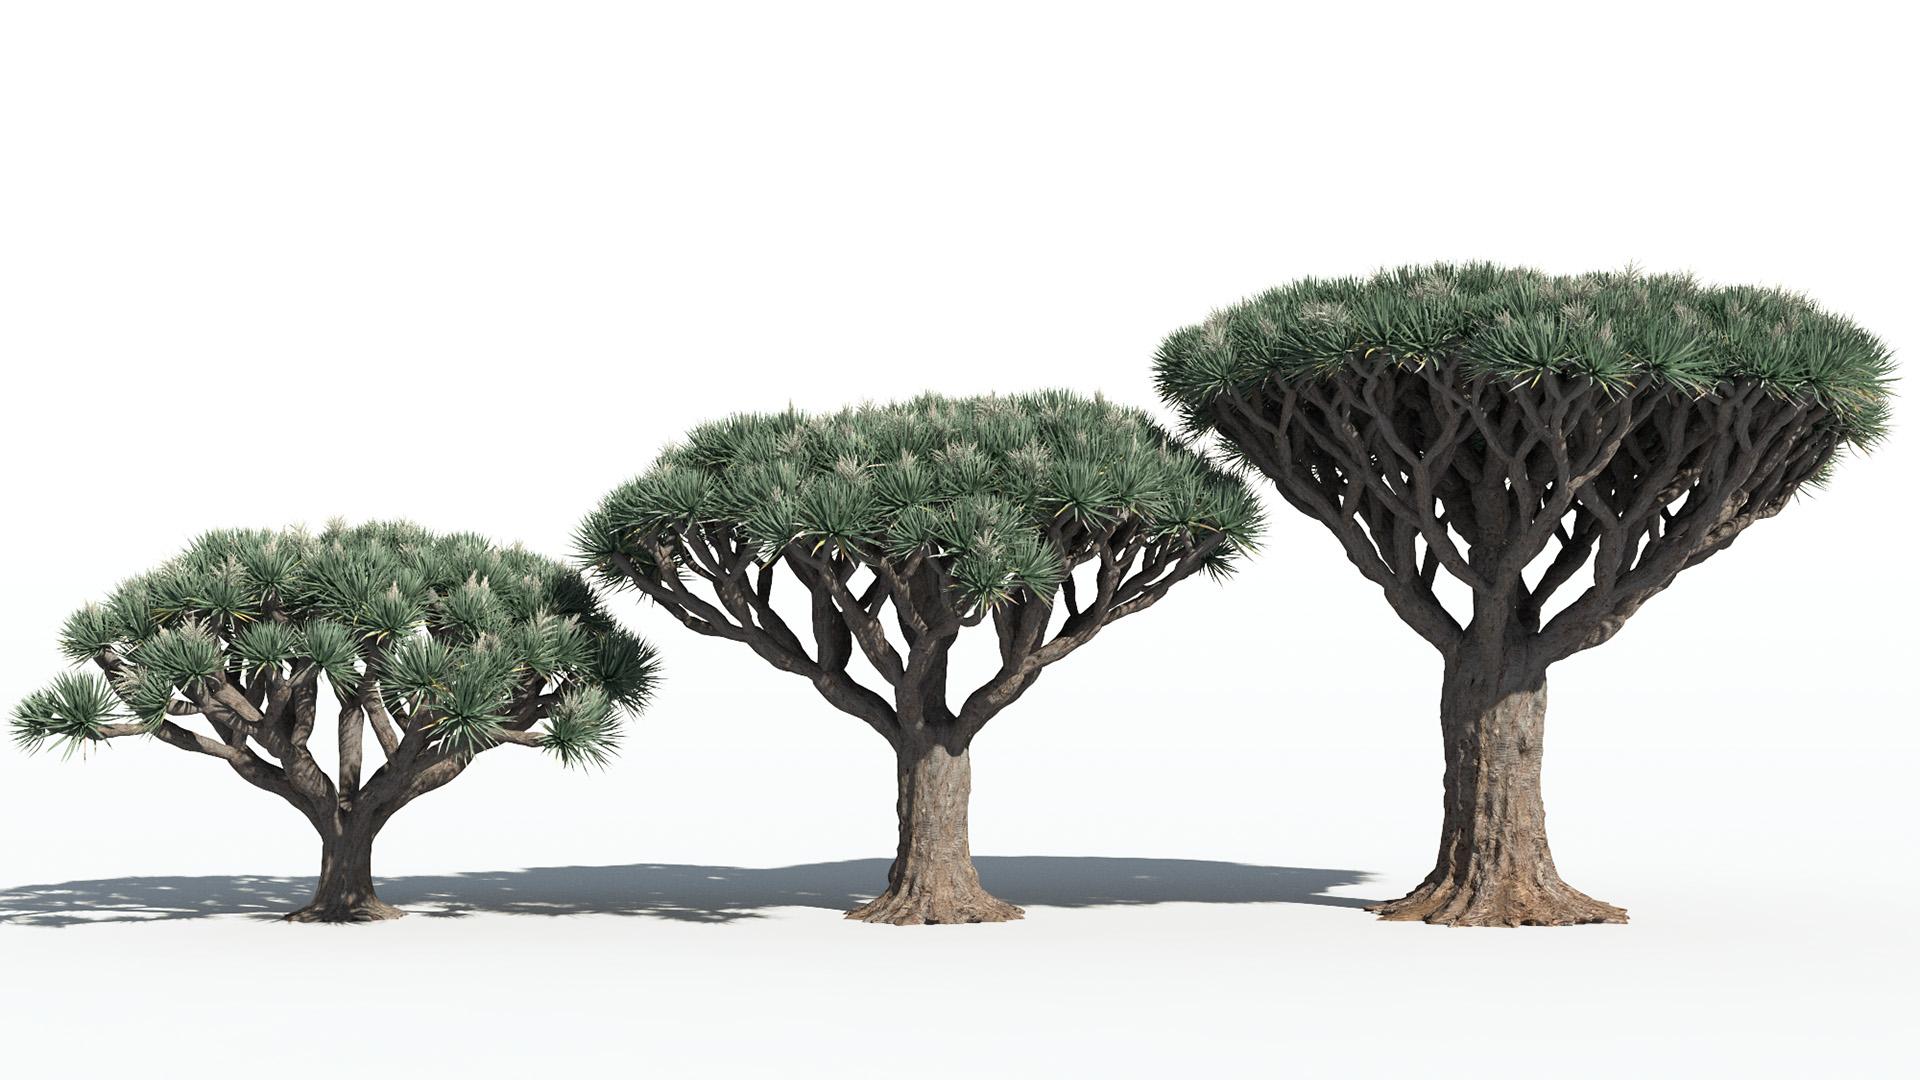 3D model of the Dragon tree Dracaena draco